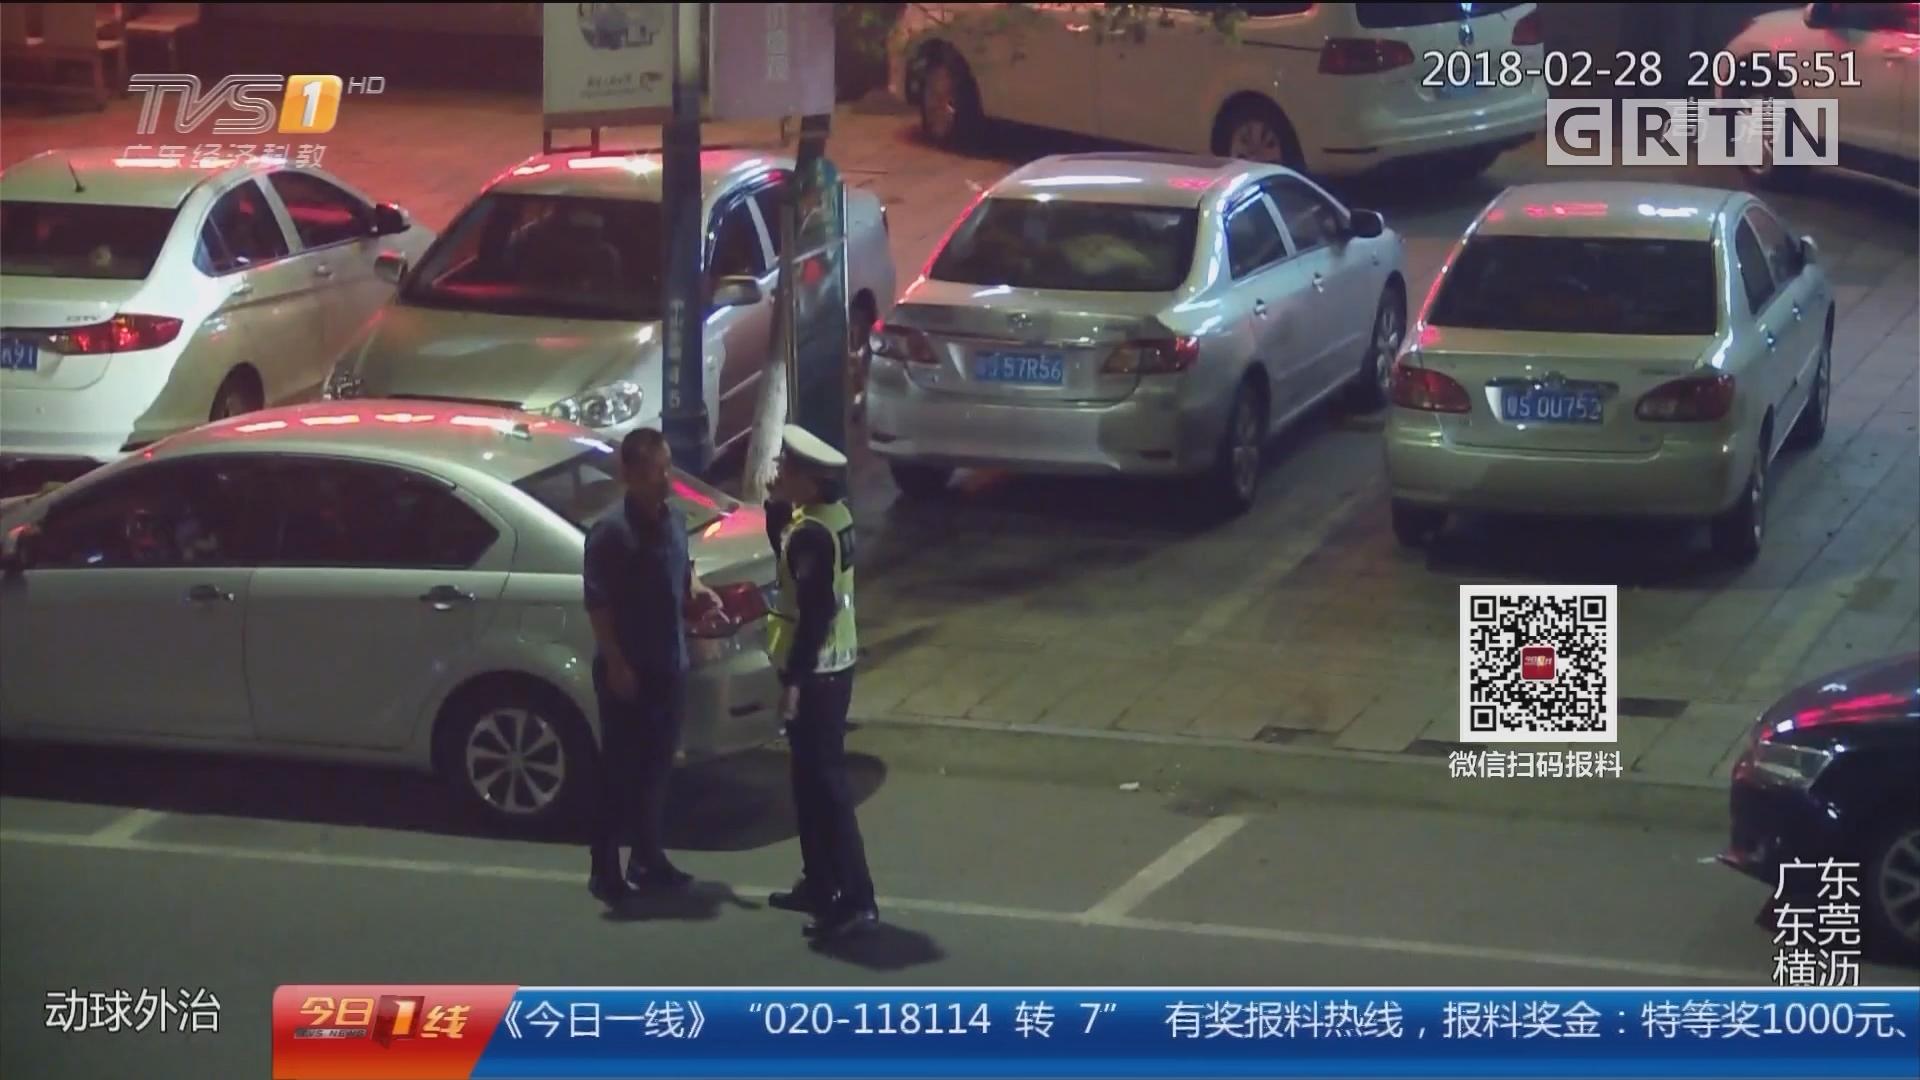 东莞交警查酒驾:酒驾司机遇交警弃车扮路人 被识破